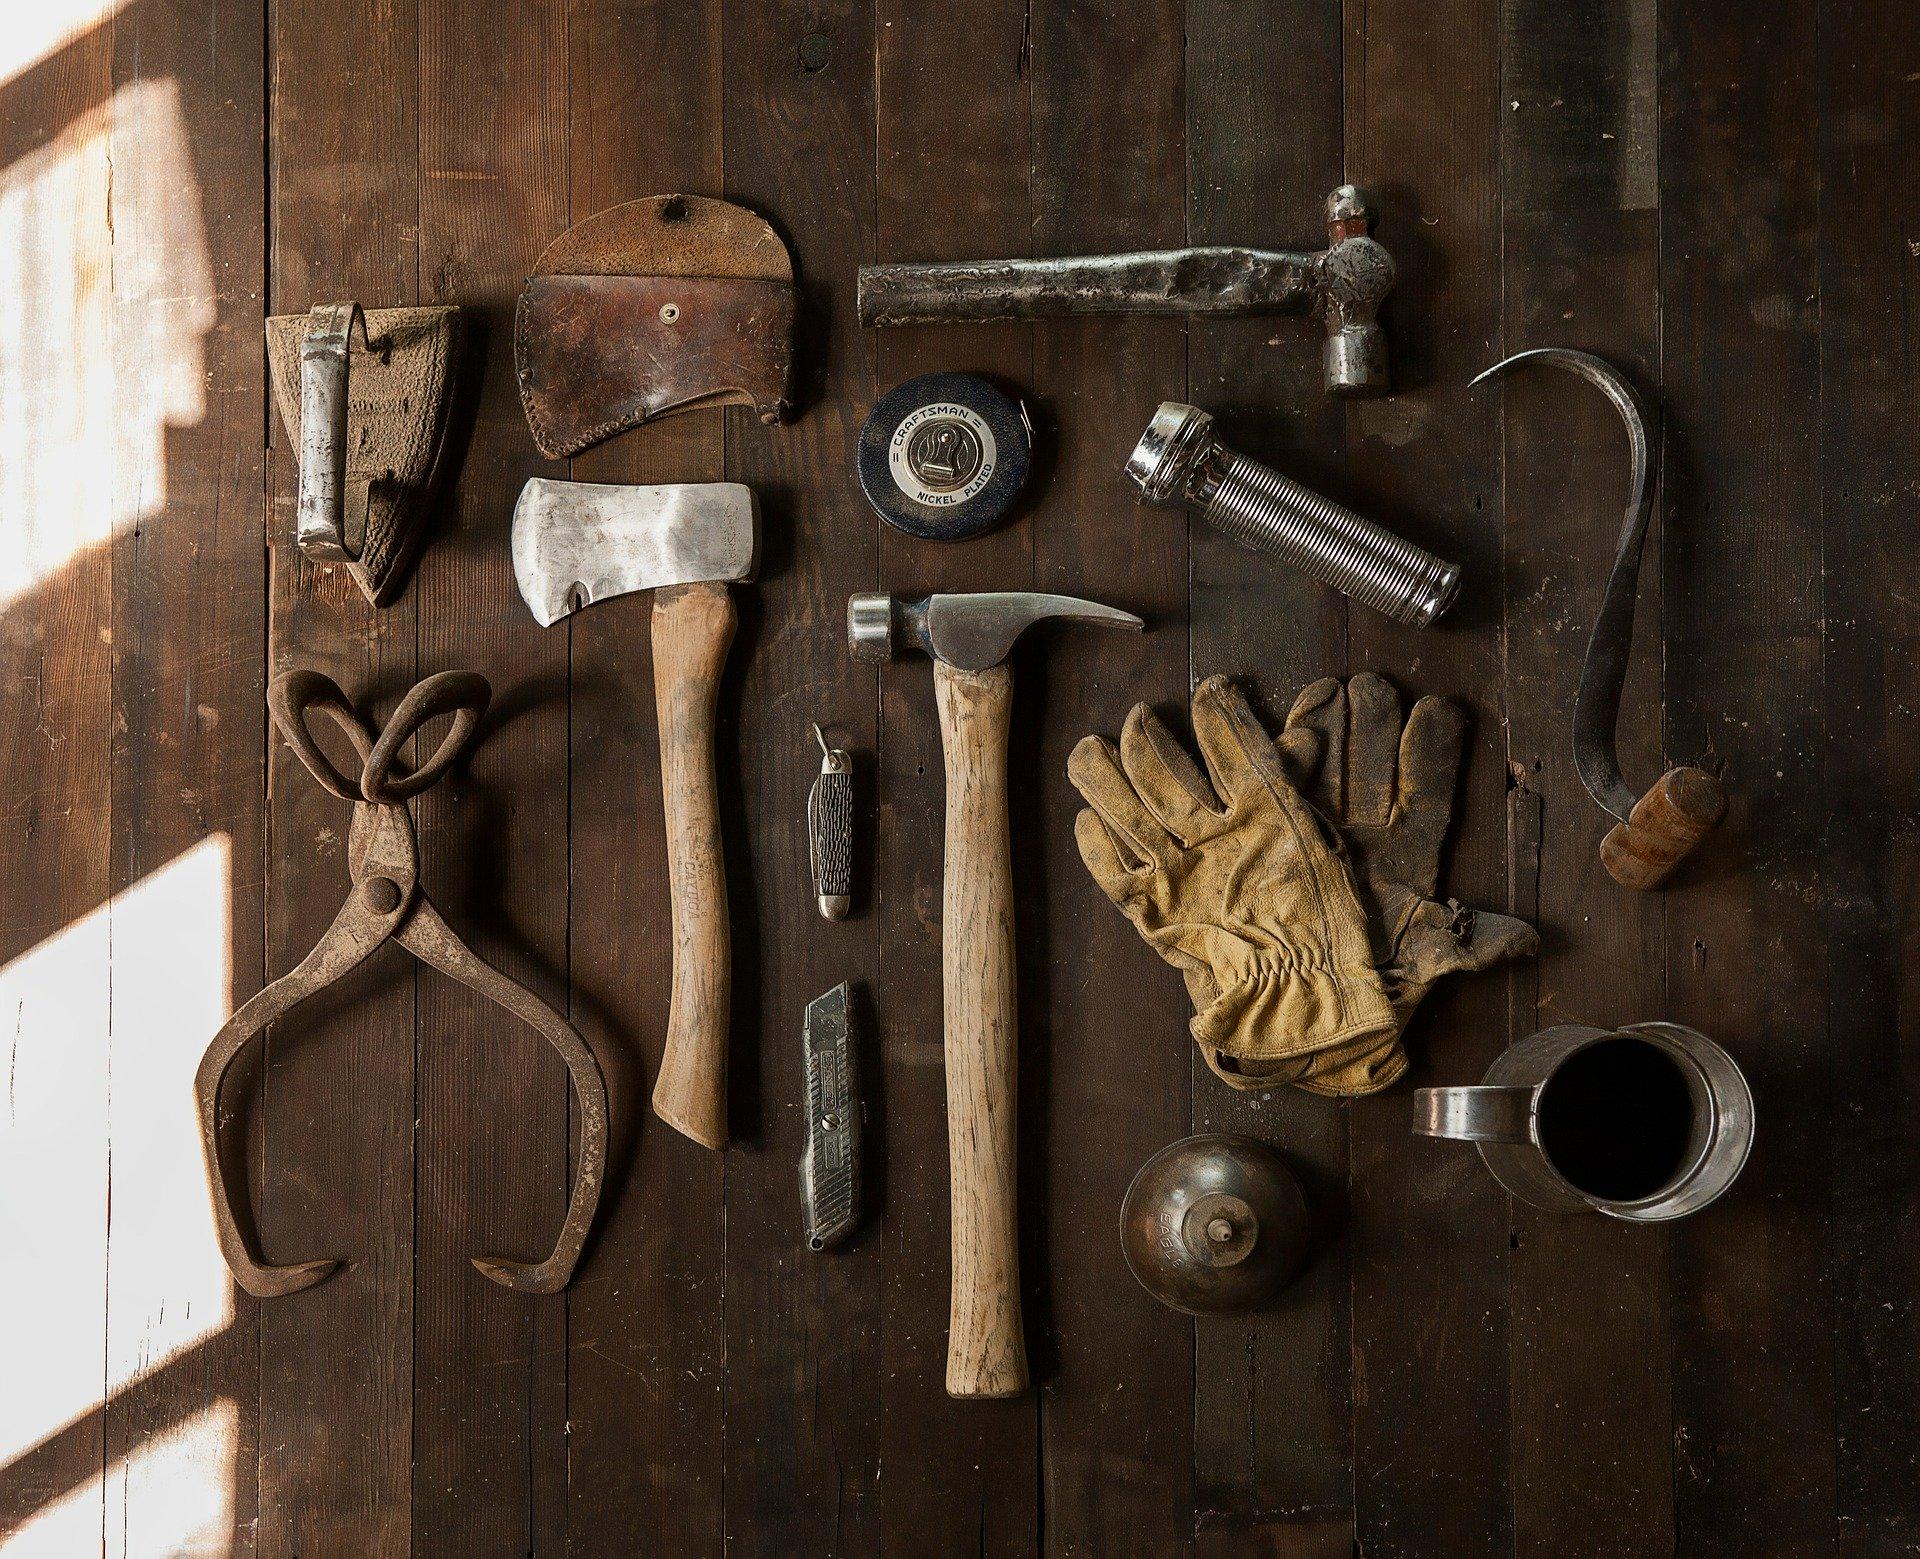 tools-498202_1920